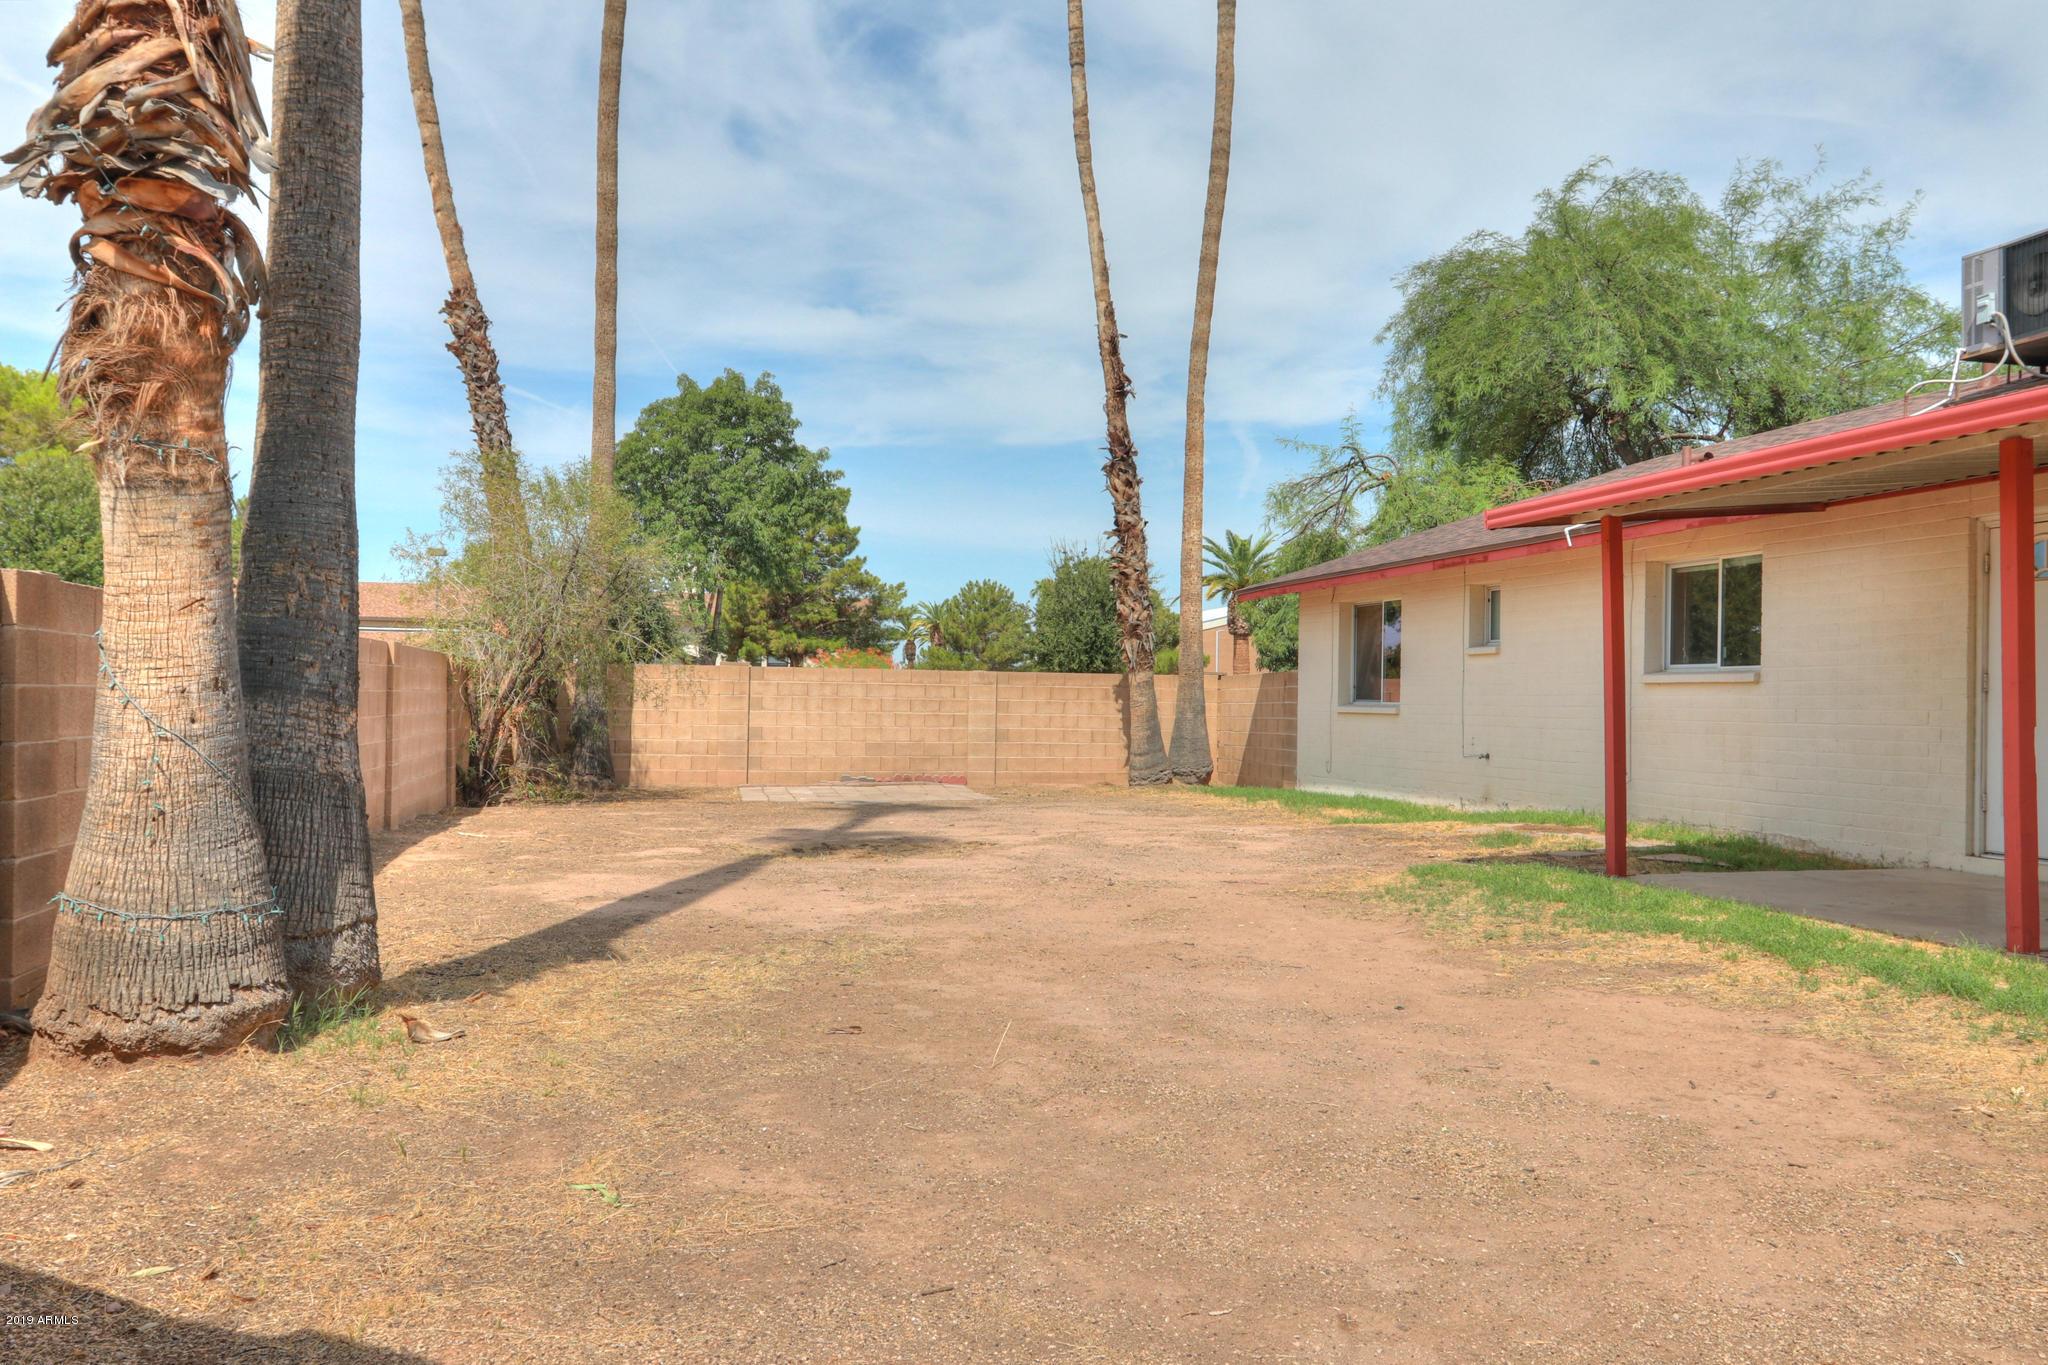 MLS 5962506 1905 E Del Rio Drive, Tempe, AZ 85282 Tempe AZ Knoell Tempe